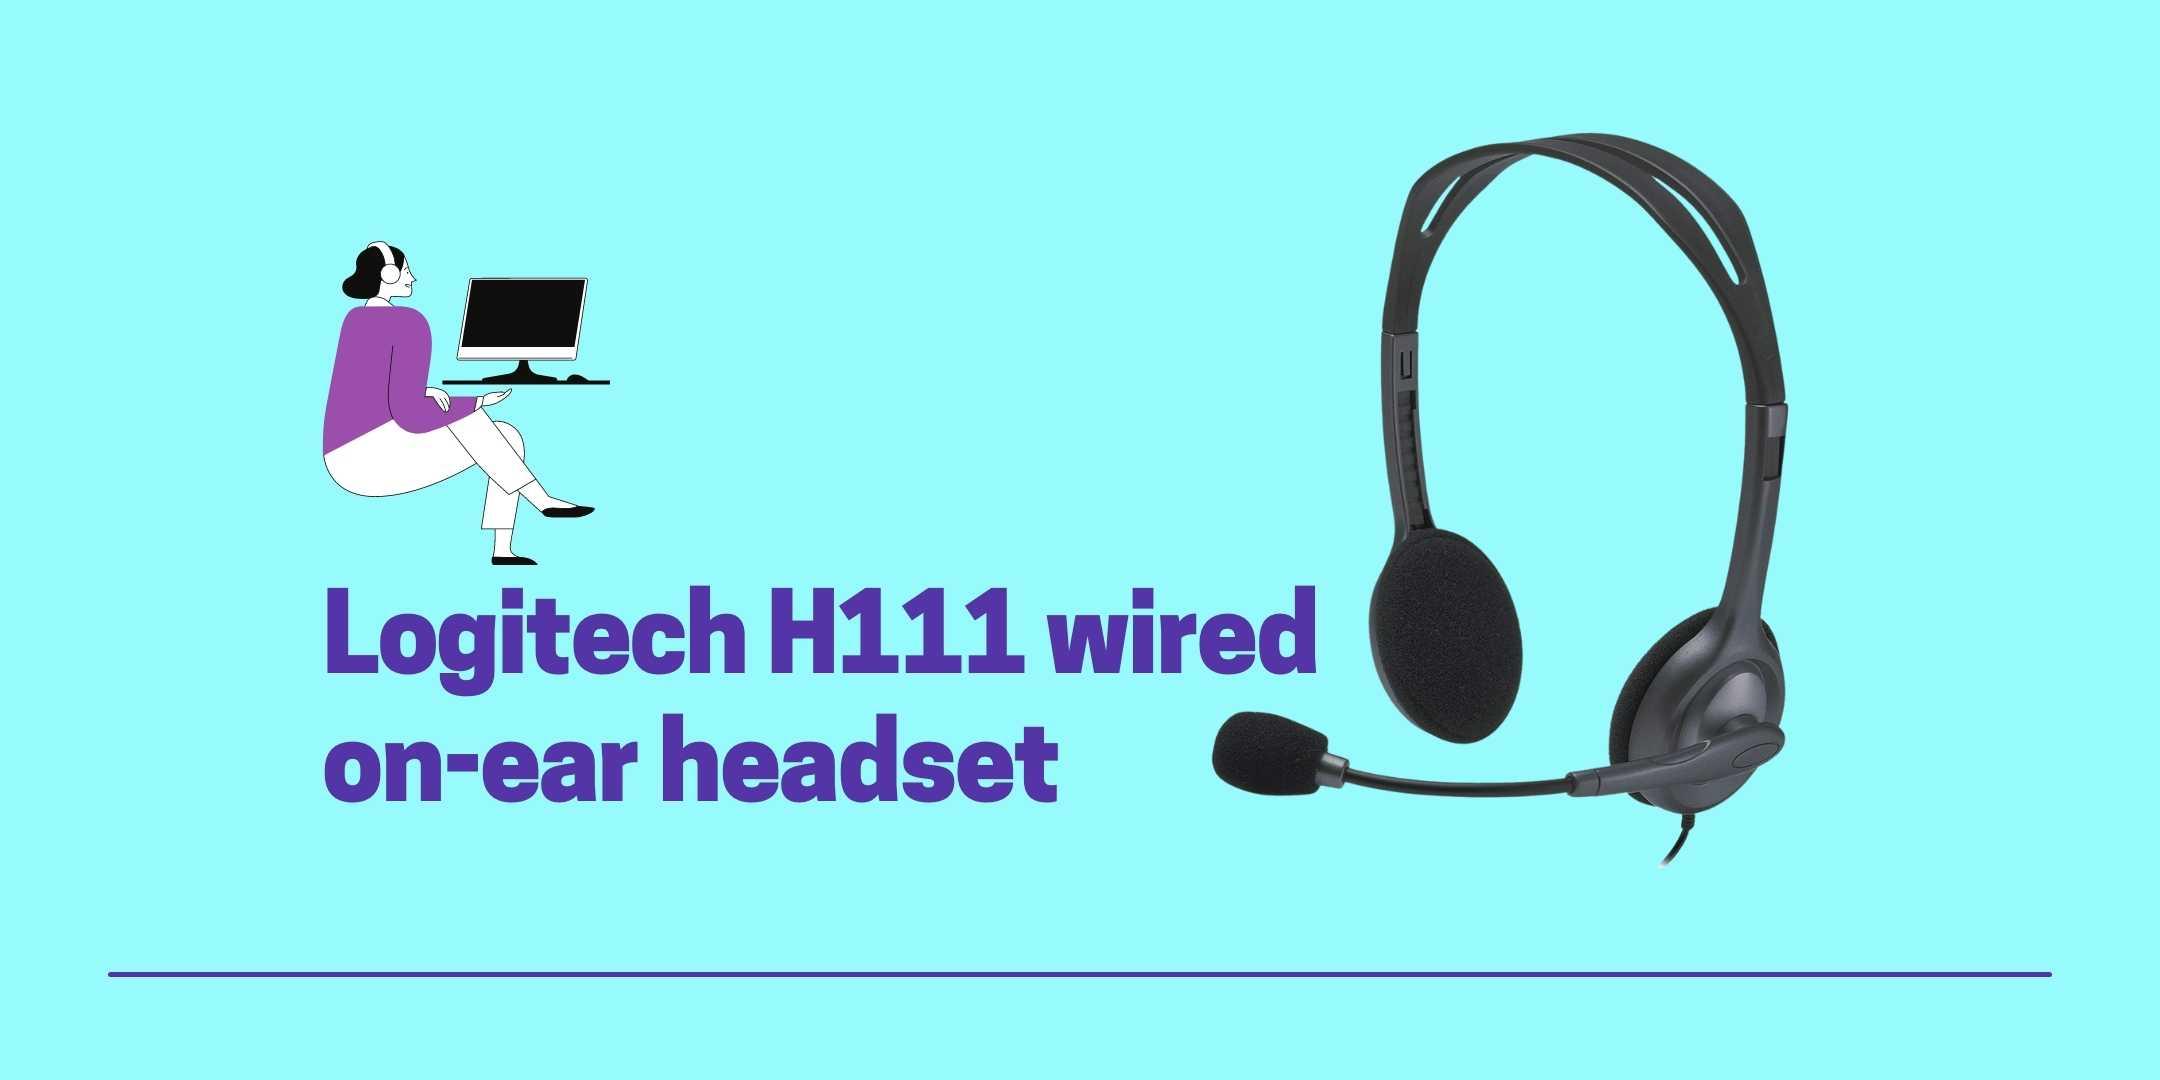 Logitech H111 wired on-ear headset